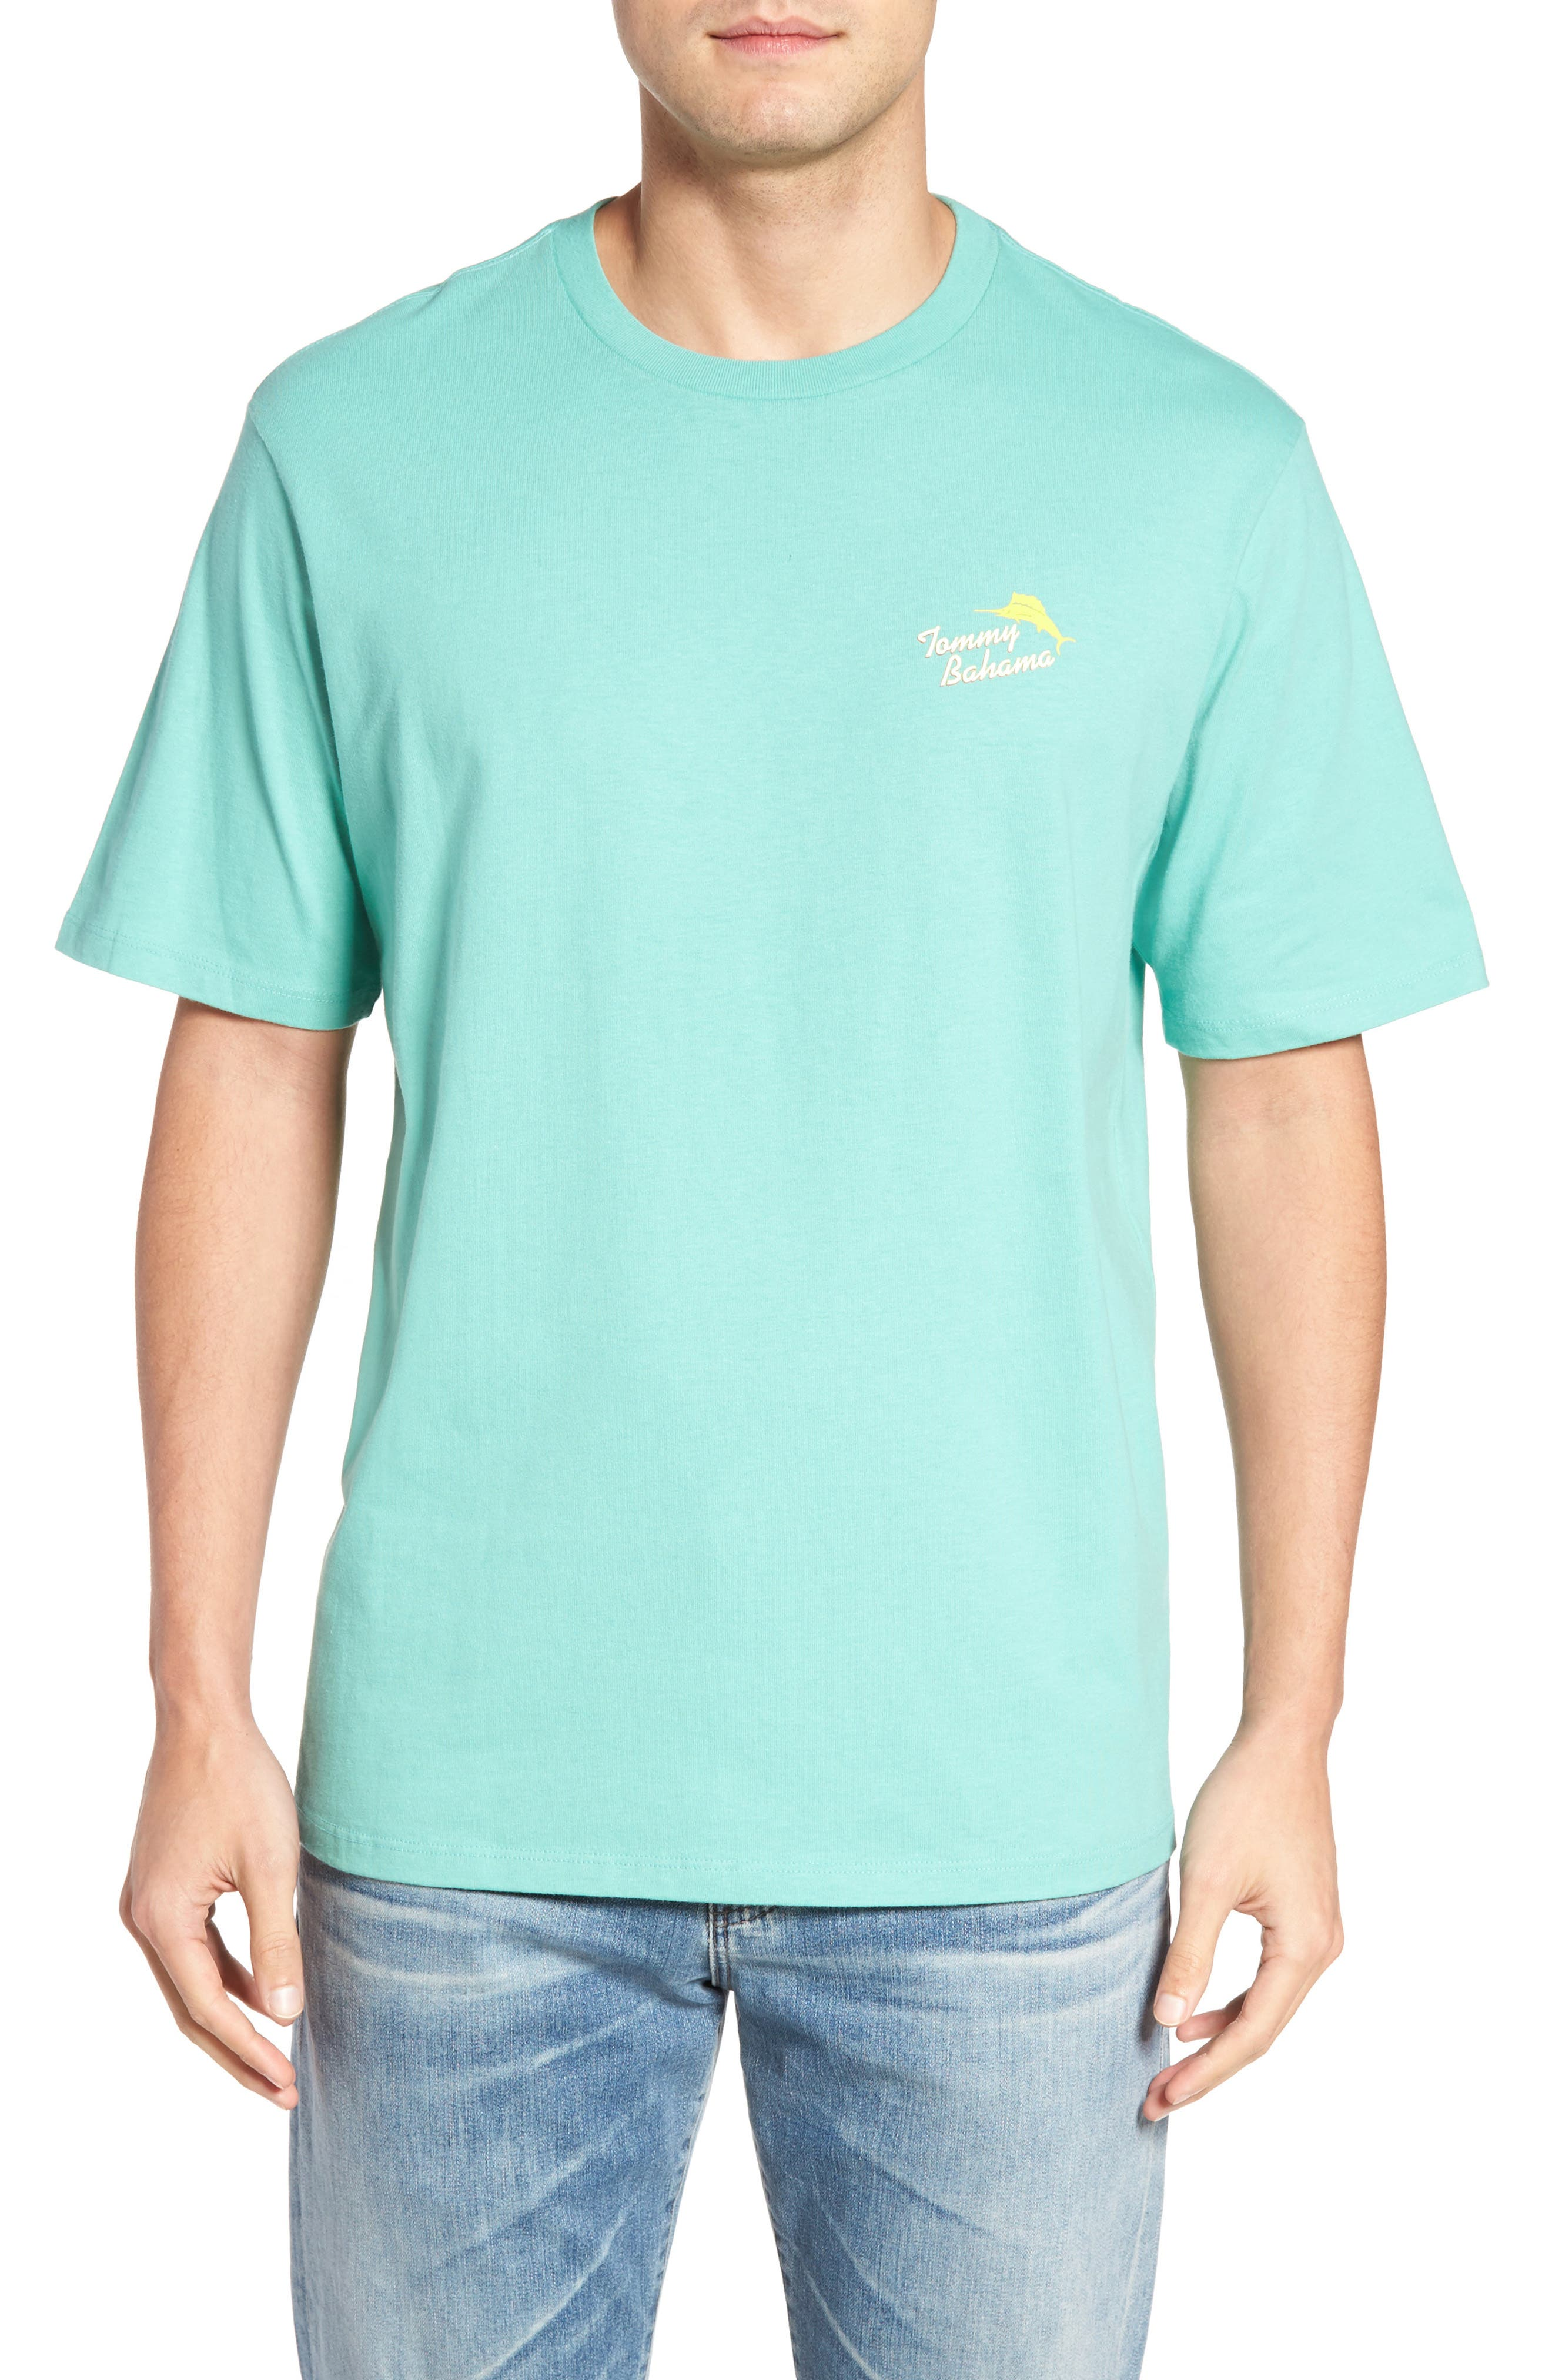 Spring Fling T-Shirt,                             Main thumbnail 1, color,                             030